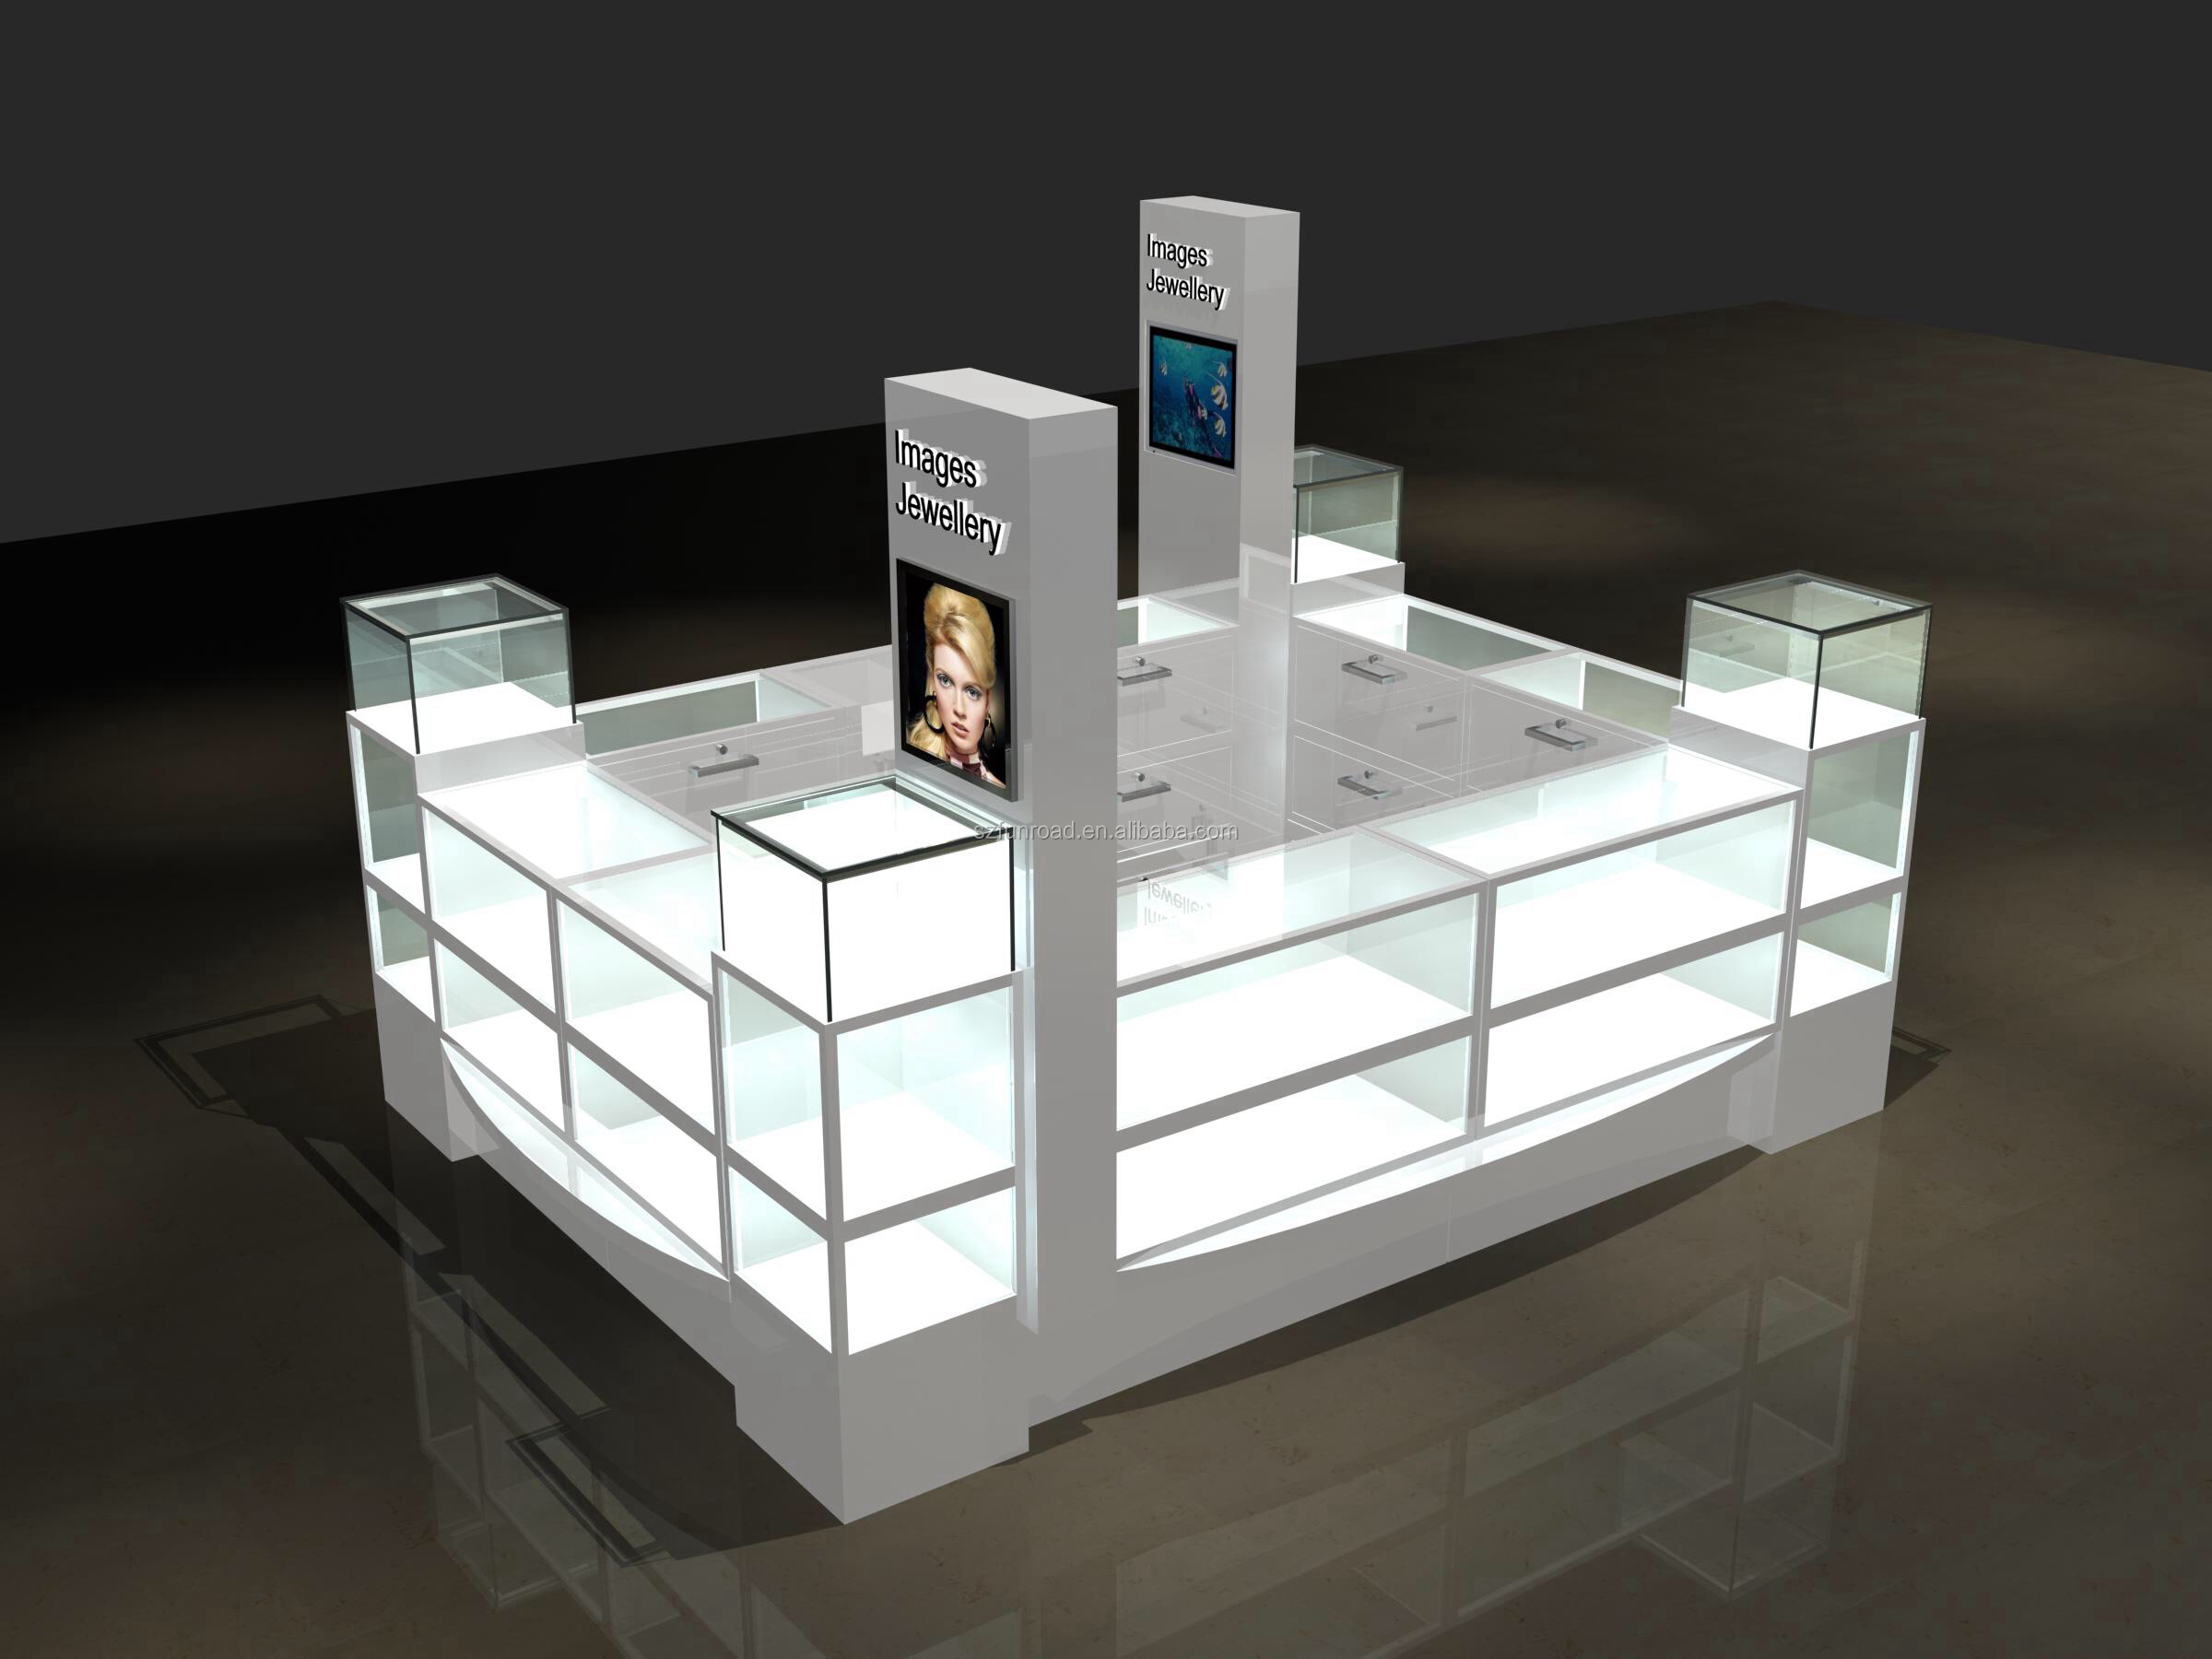 Best quality Glass Jewelry mall kiosk / Jewelry Display Showcase for Jewelry Store